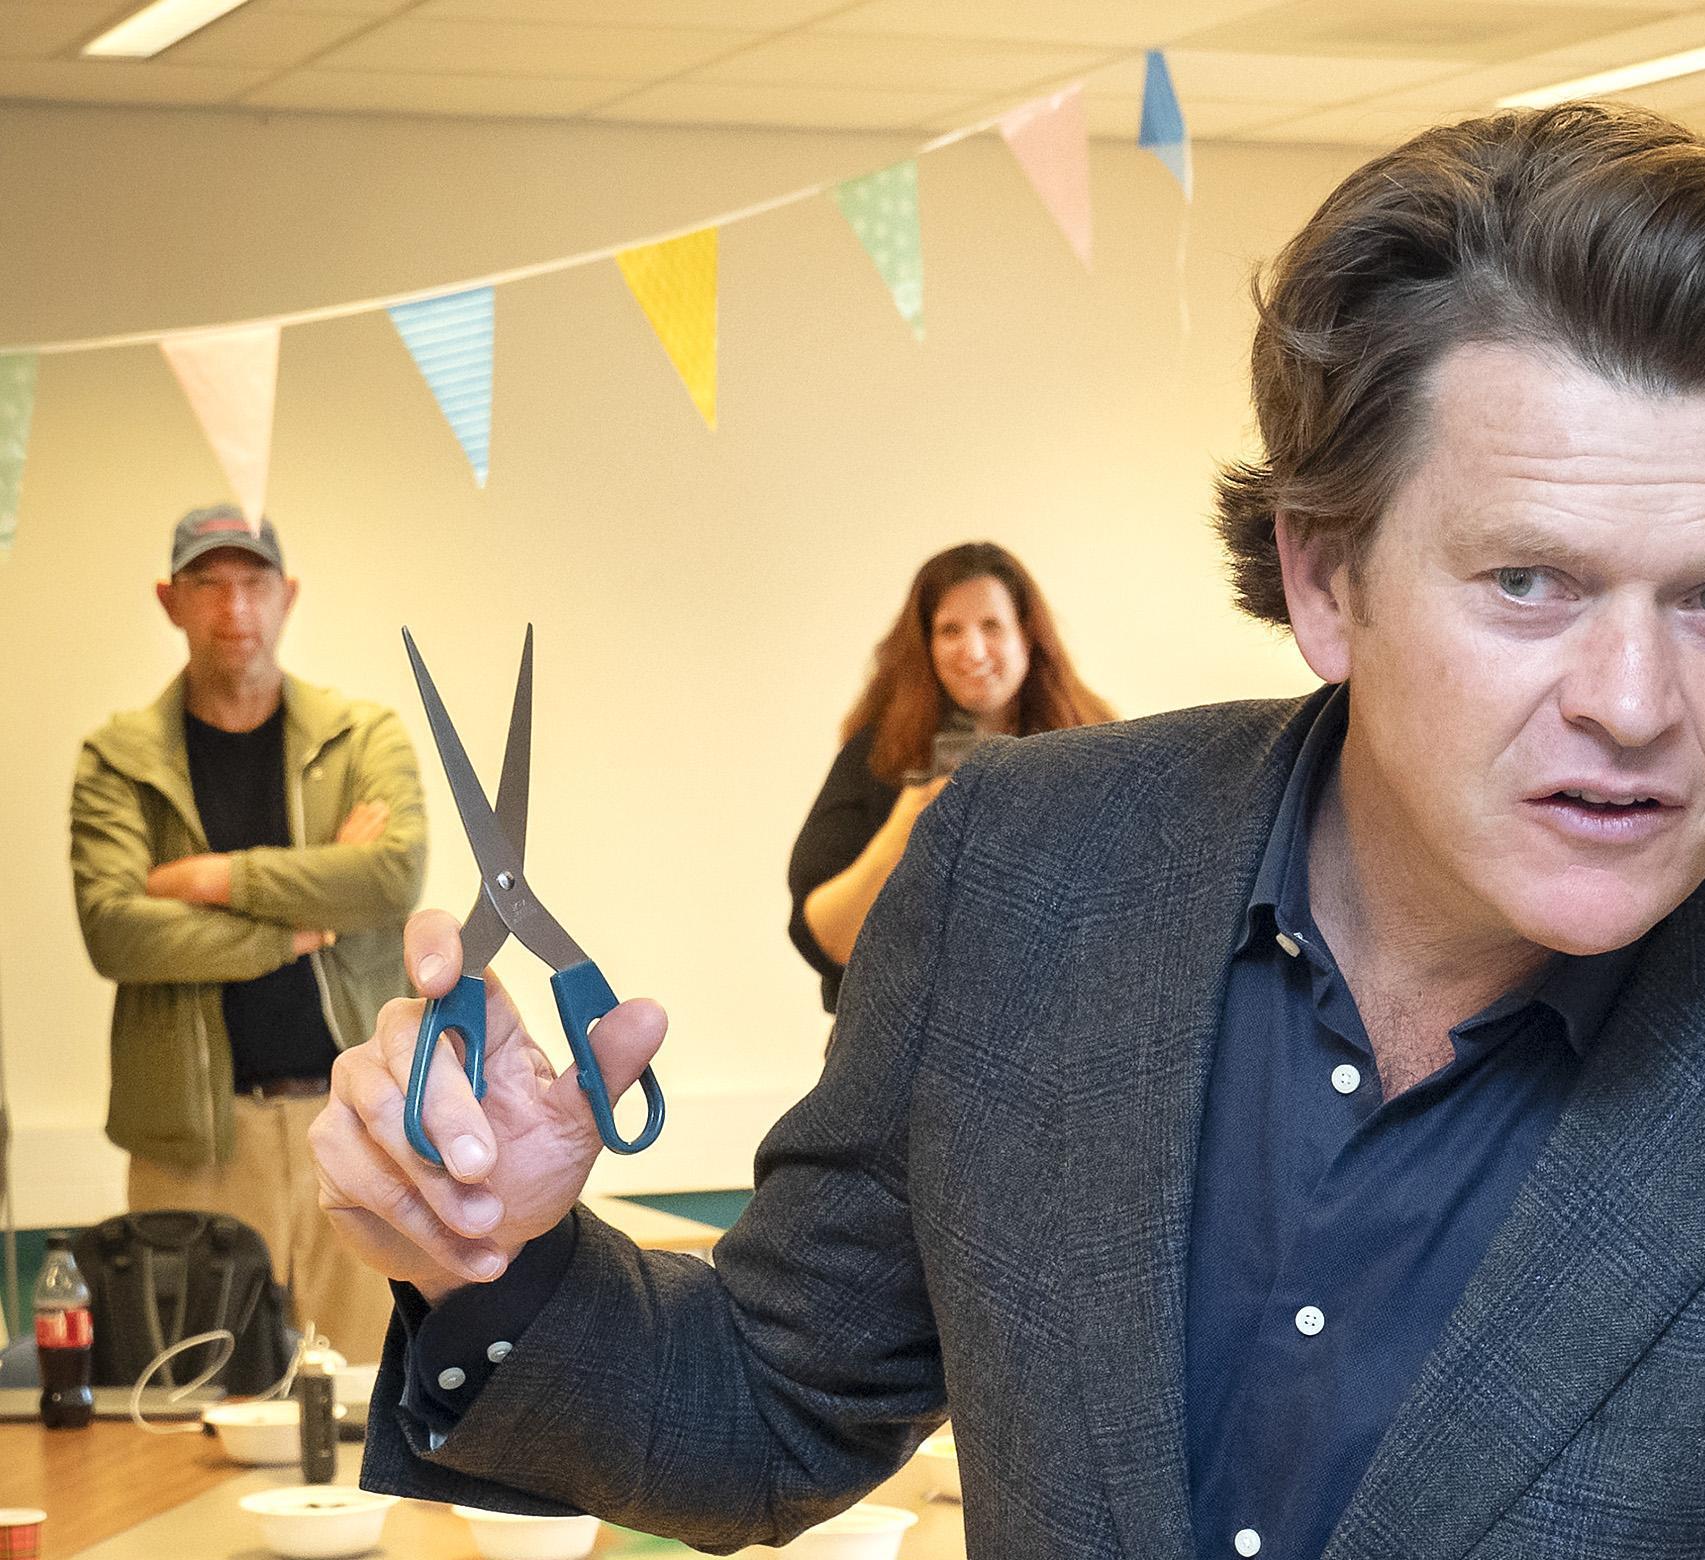 'Verwend nest en 'kakker uit Bloemendaal' opent radiostation voor psychiatrie. 'Ik ben blij dat ik iets terug kan doen'